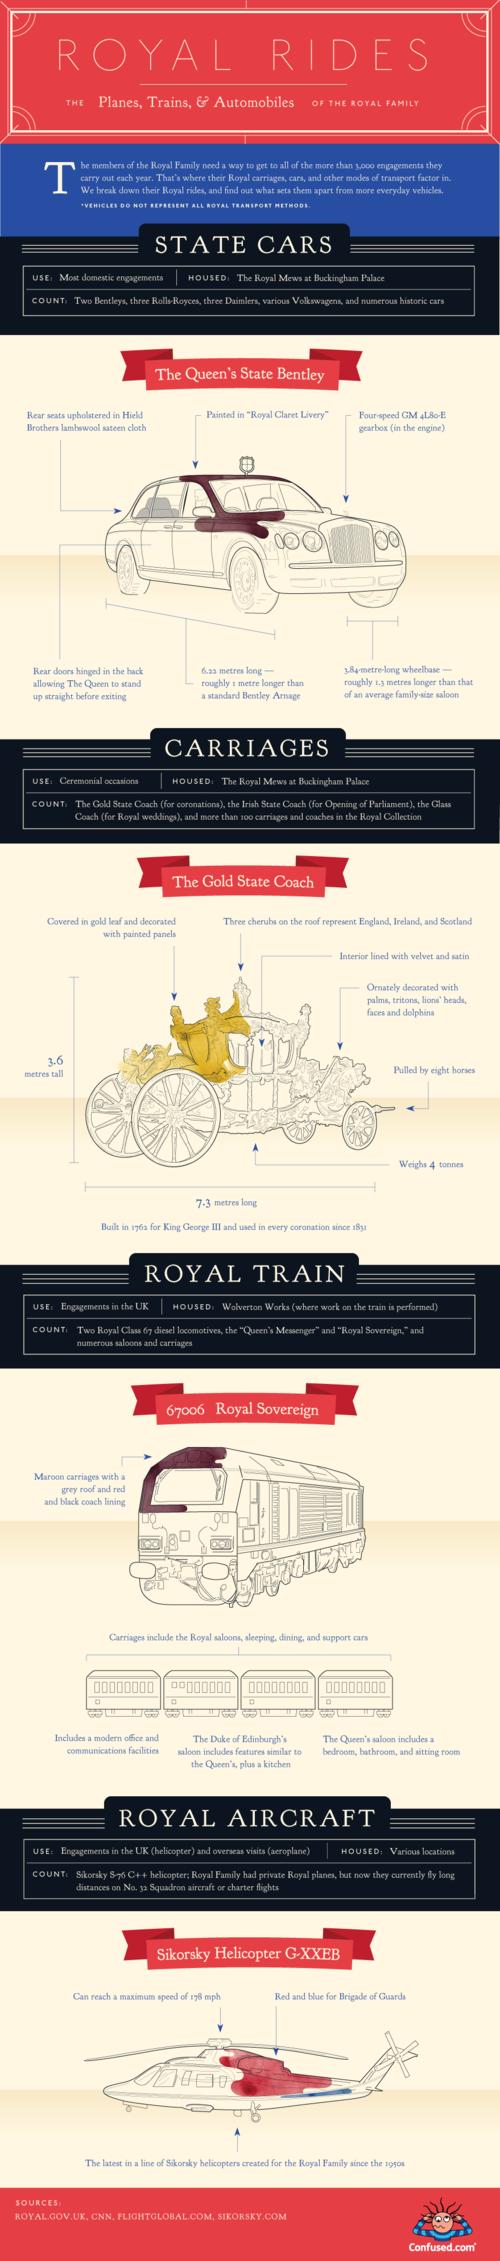 Royal_rides